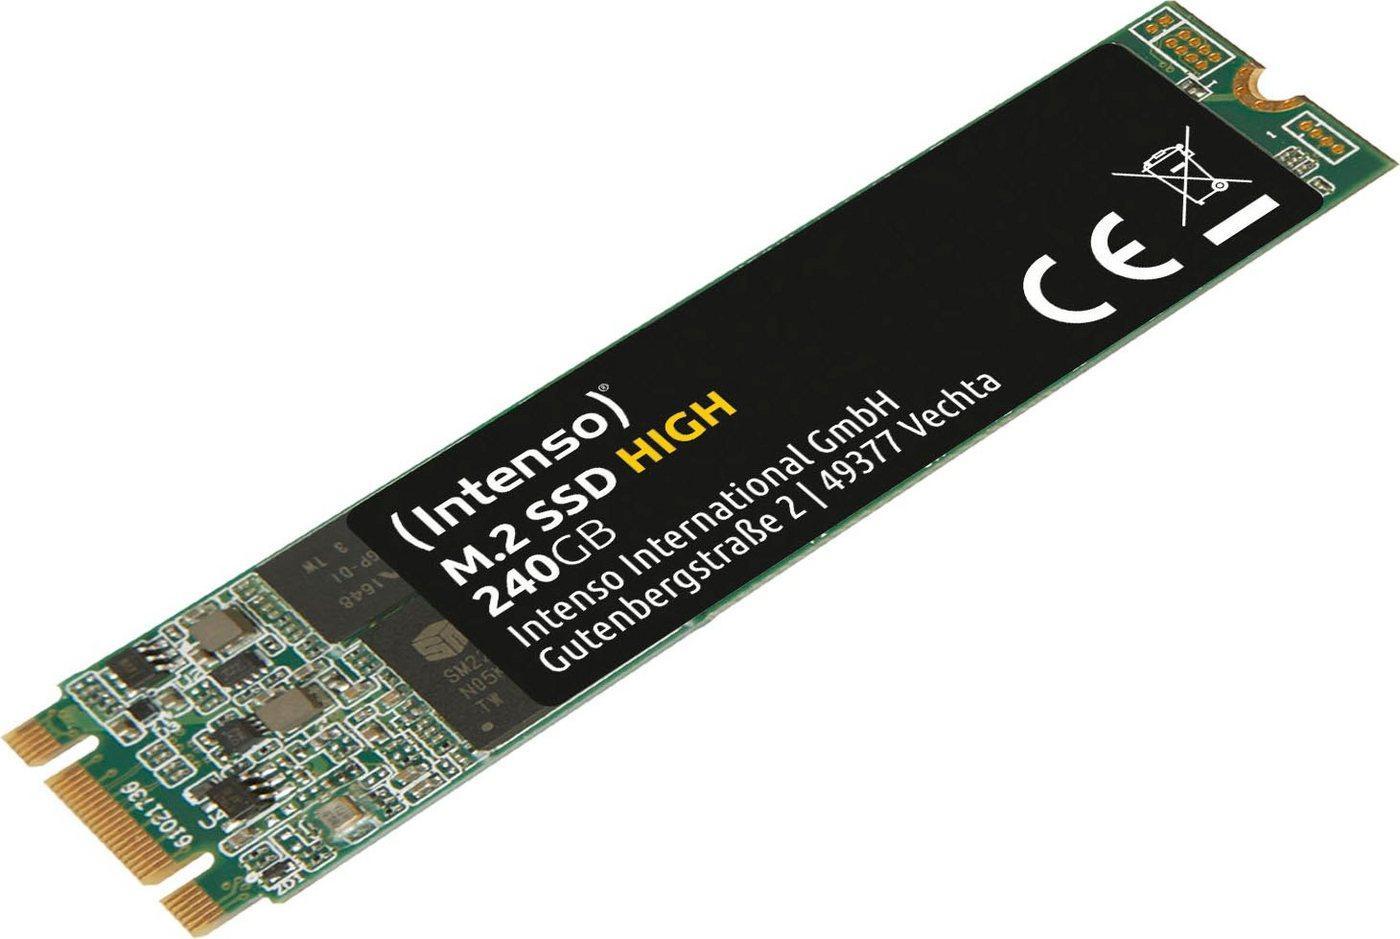 Intenso »M.2 SSD High« SSD-Festplatte (240 GB) 520 MB/S Lesegeschwindigkeit, 480 MB/S Schreibgeschwindigkeit)